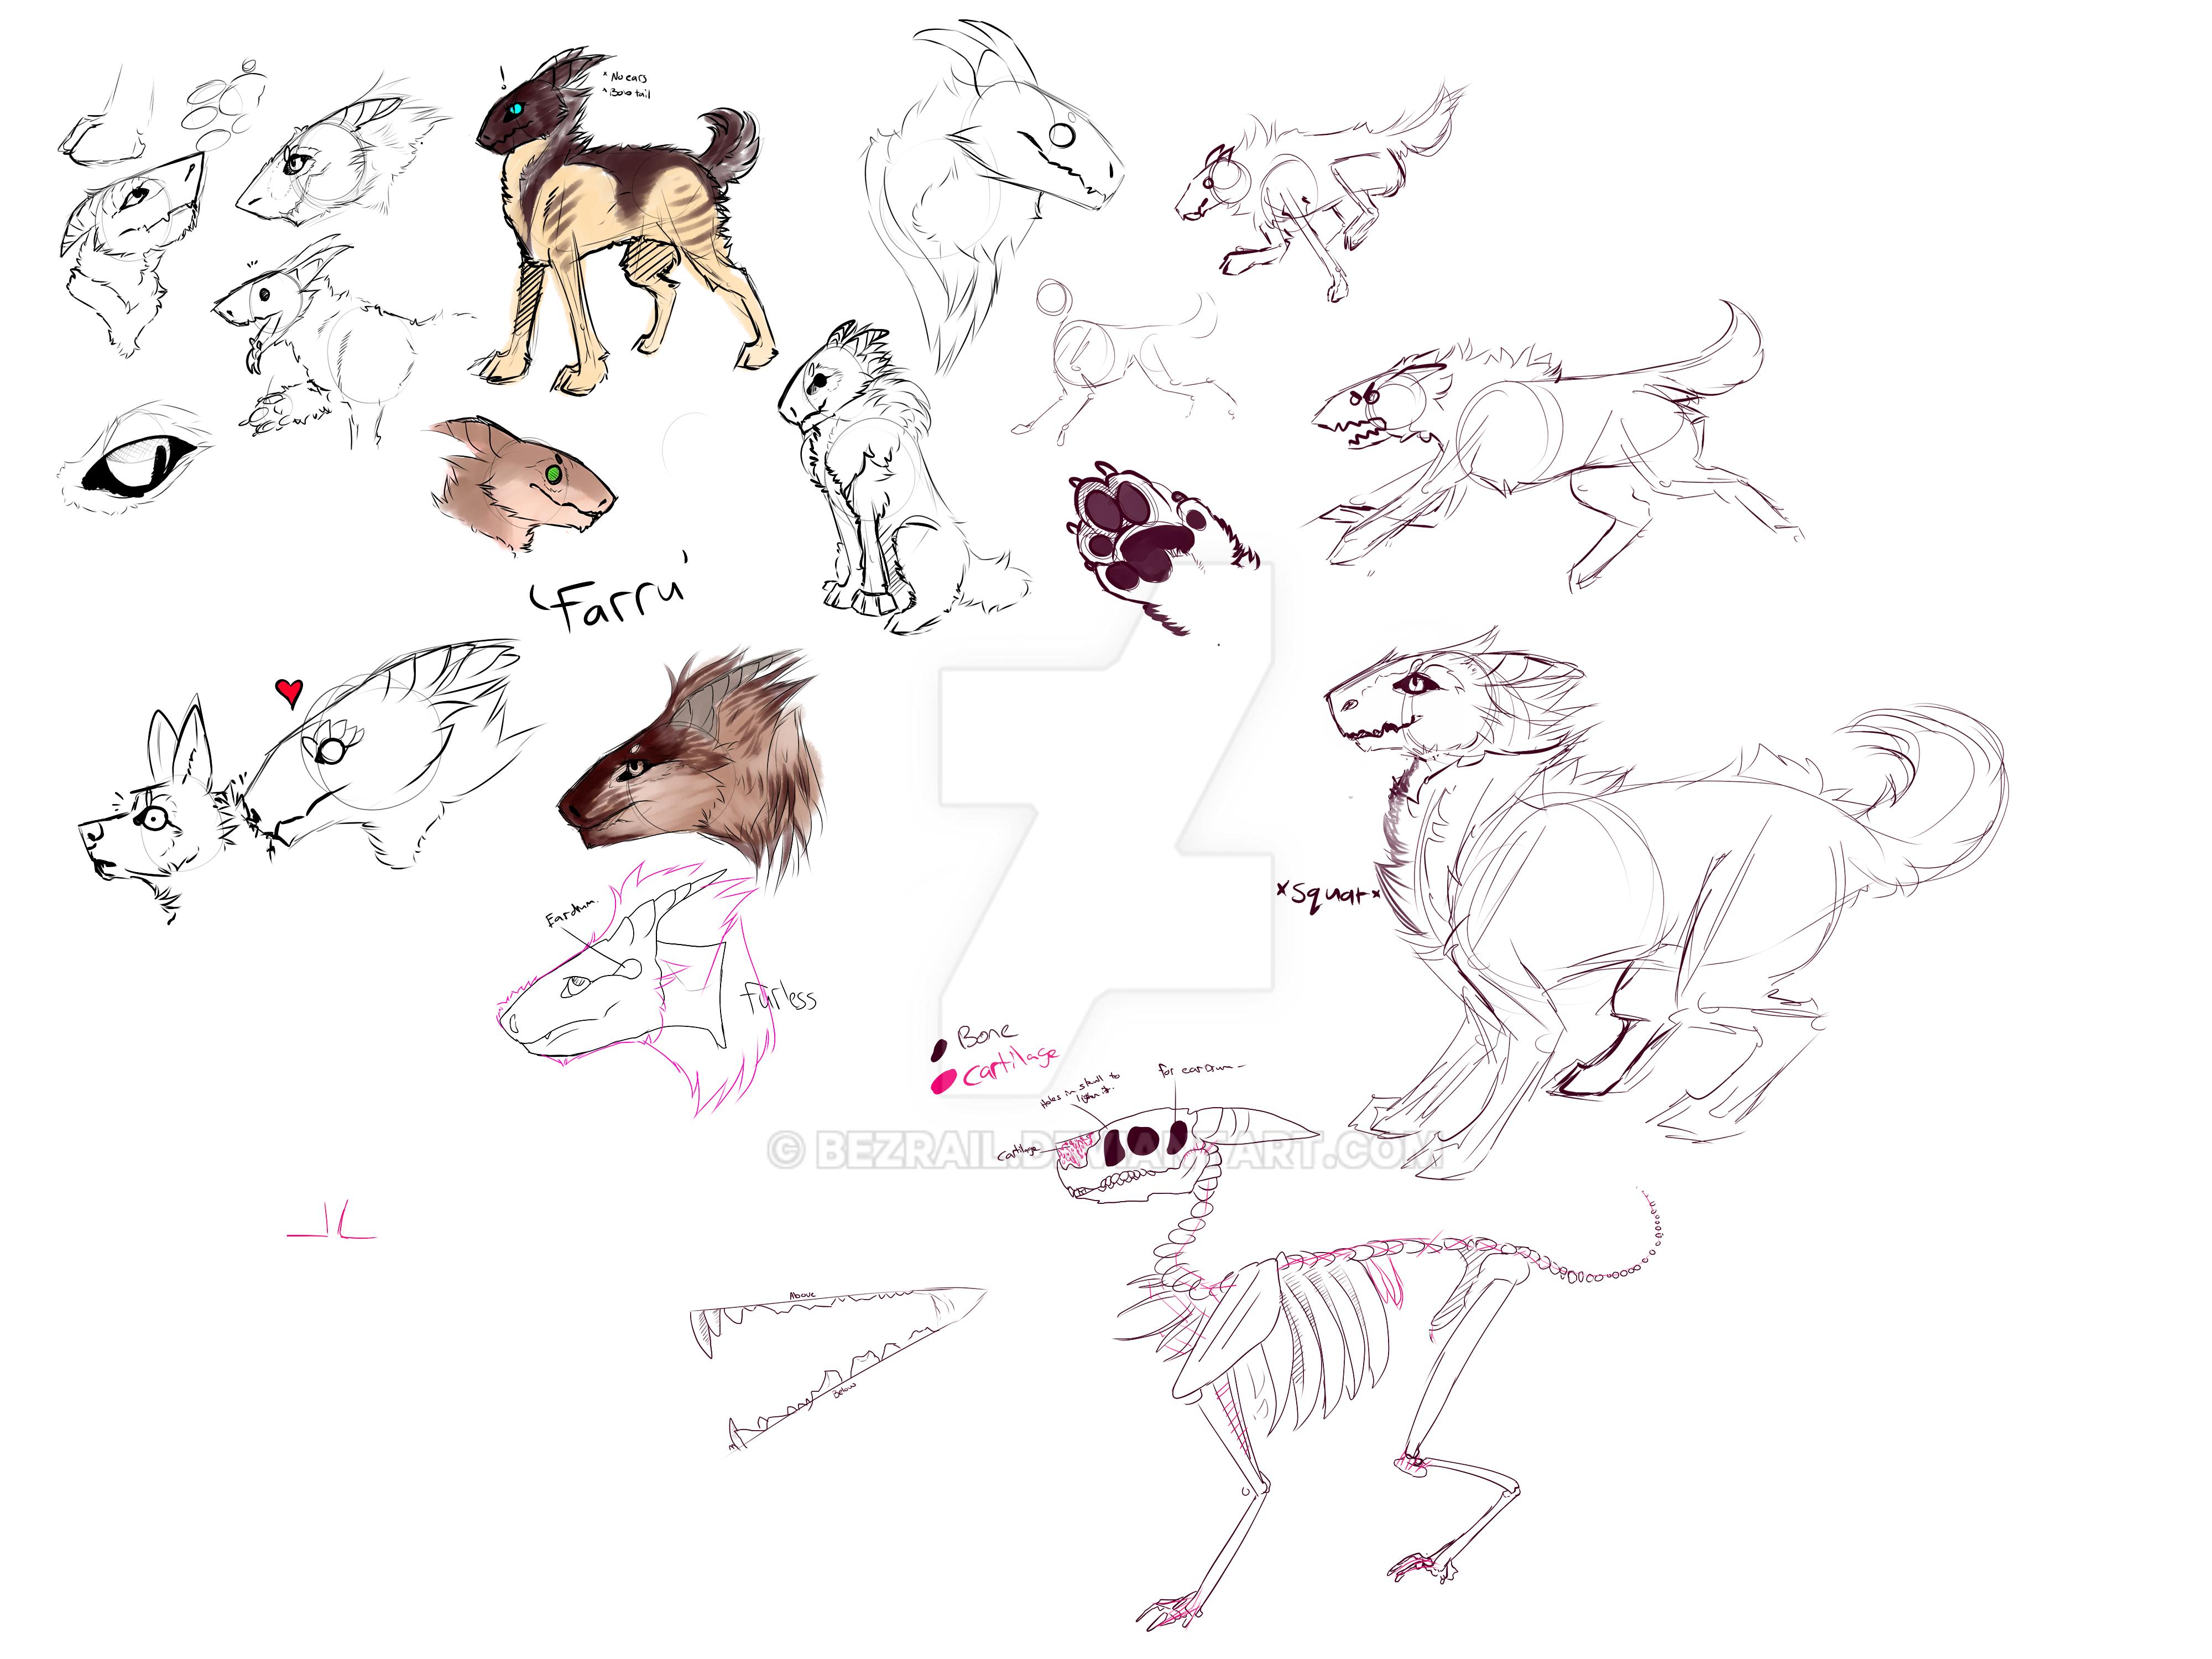 Farru sketches by Bezrail